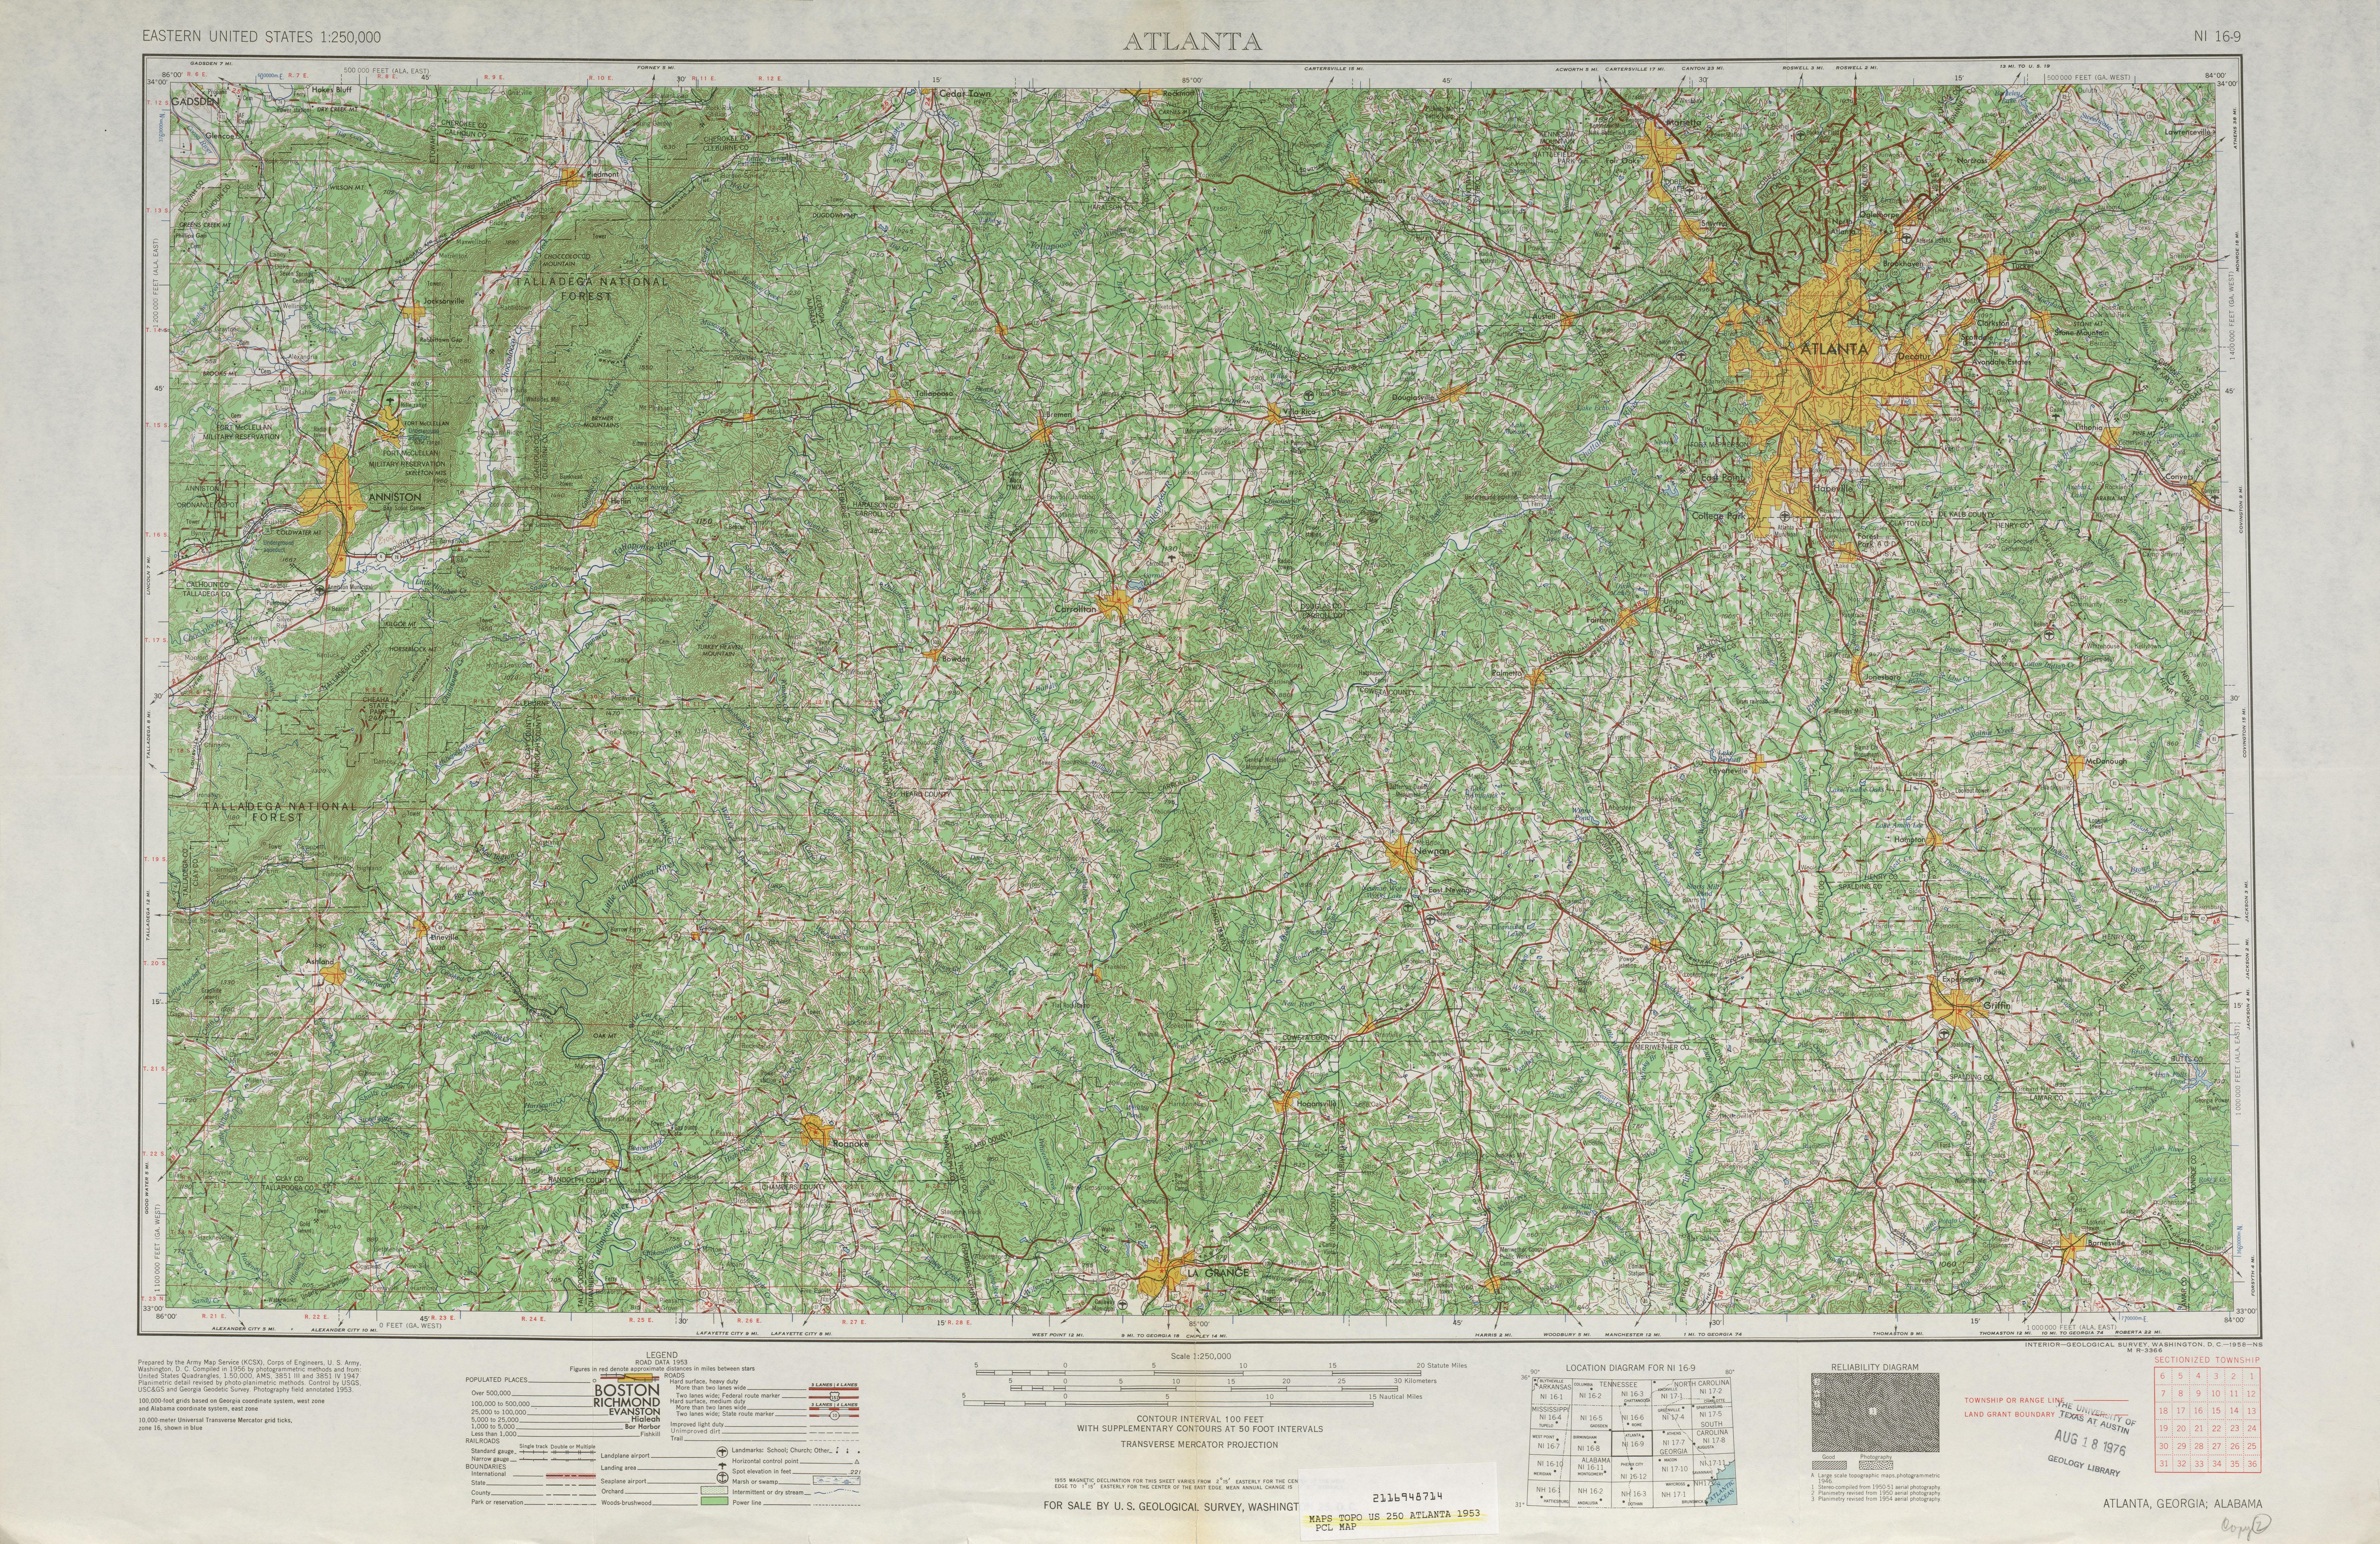 Hoja Atlanta del Mapa Topográfico de los Estados Unidos 1953